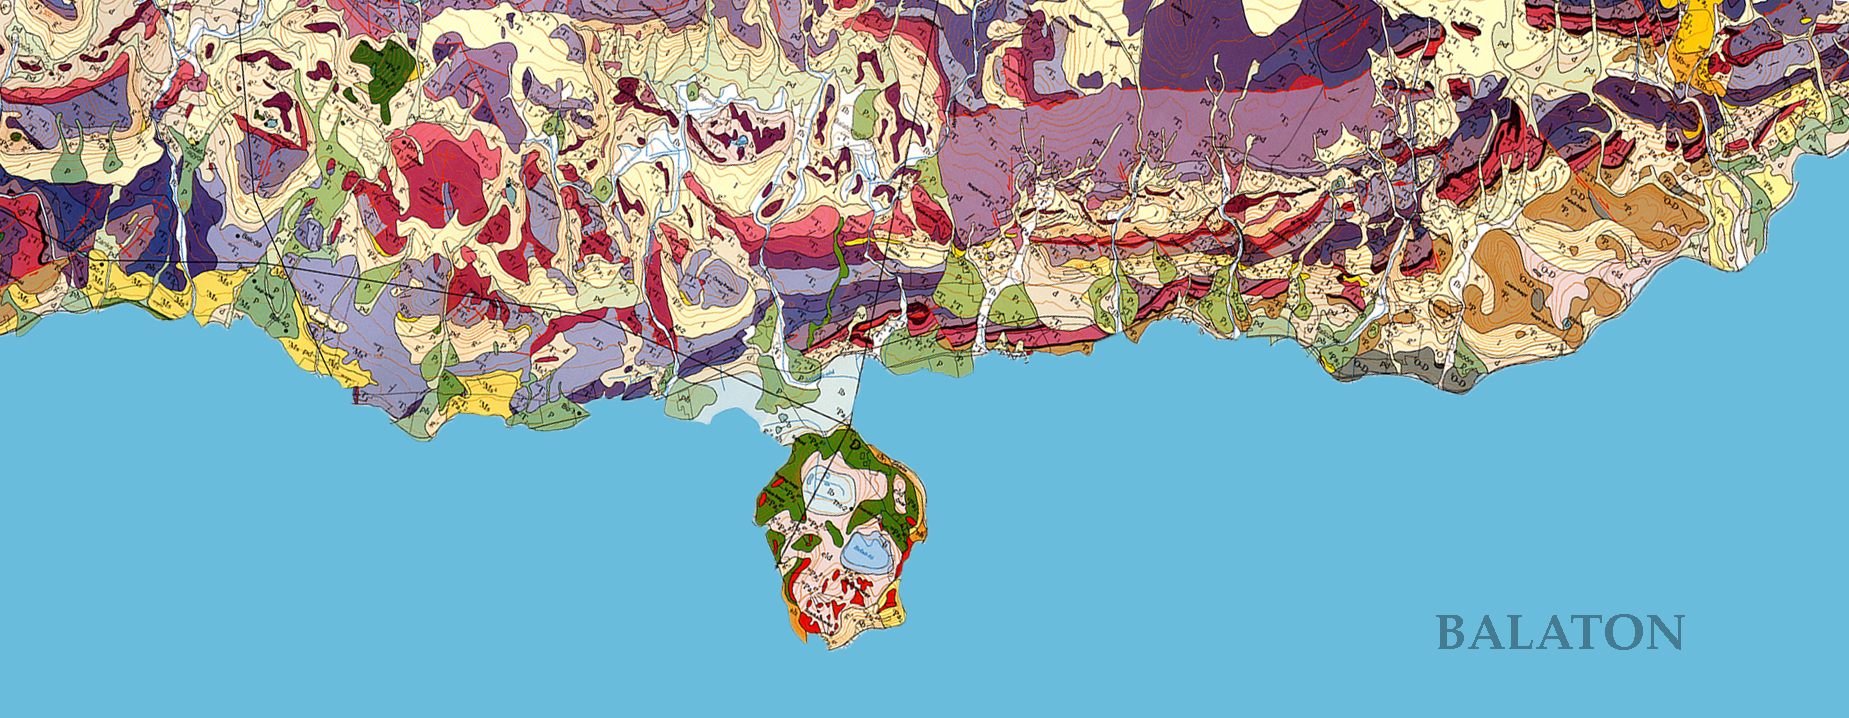 balaton térkép csopak Termőhely   Csopaki balaton térkép csopak